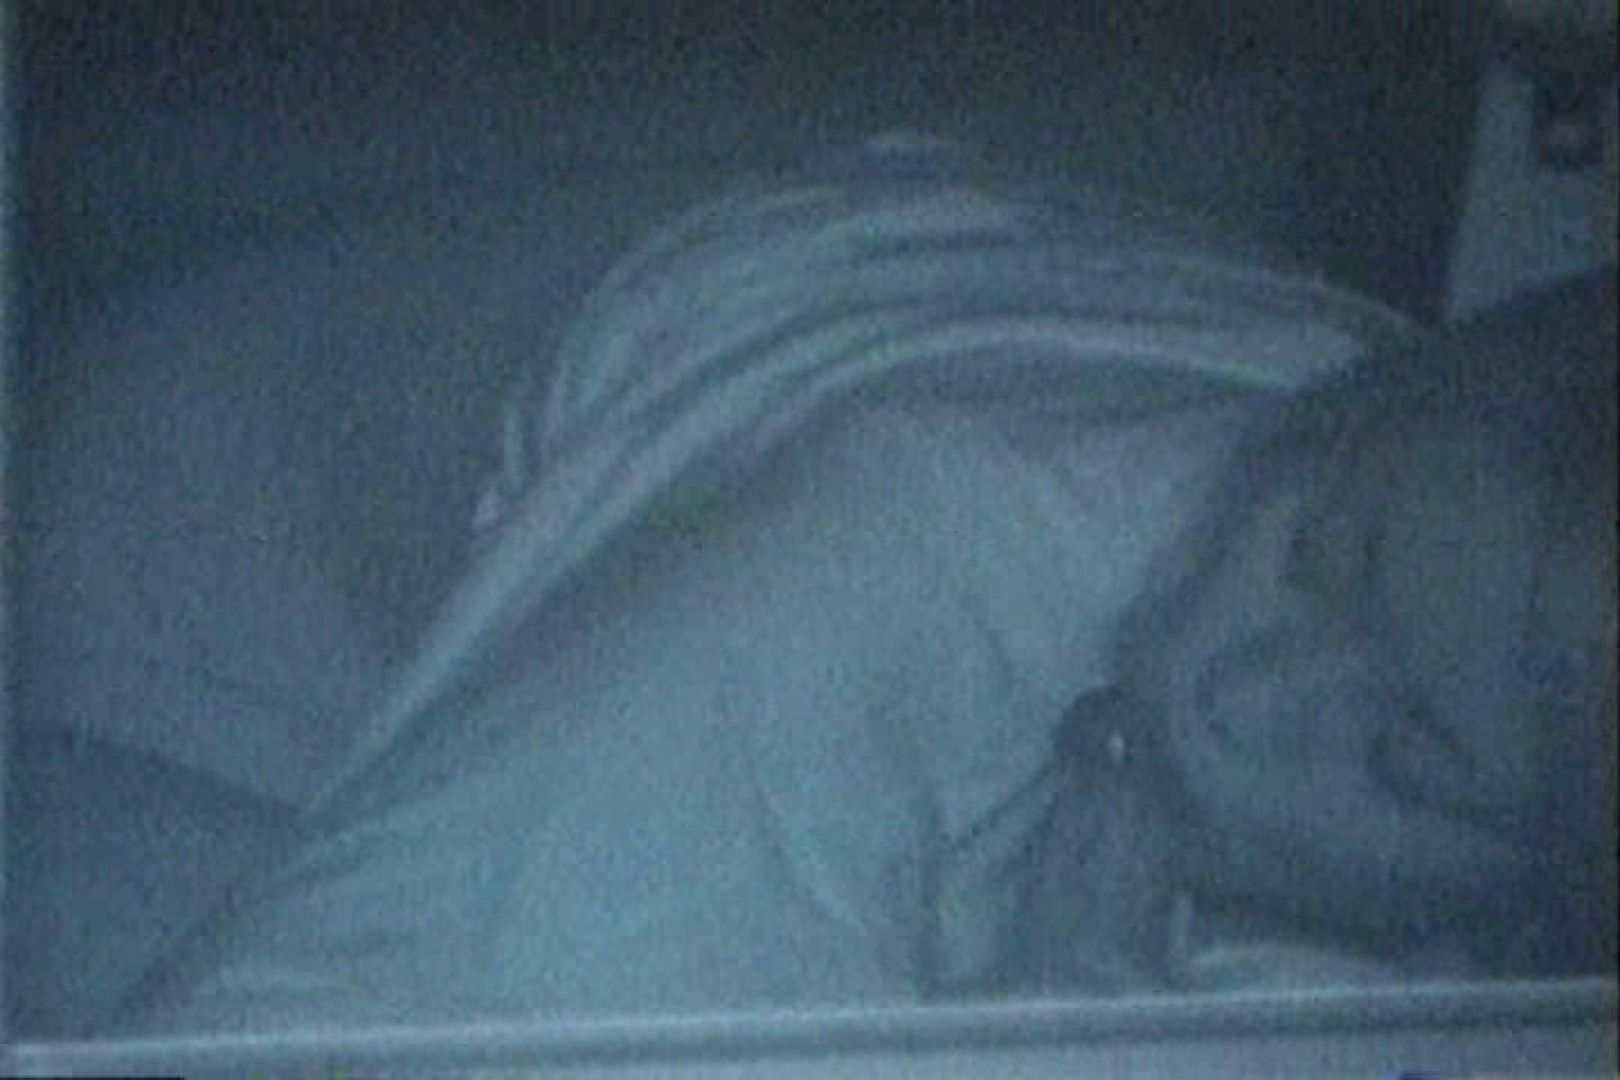 充血監督の深夜の運動会Vol.150 車でエッチ 隠し撮りオマンコ動画紹介 95PIX 26